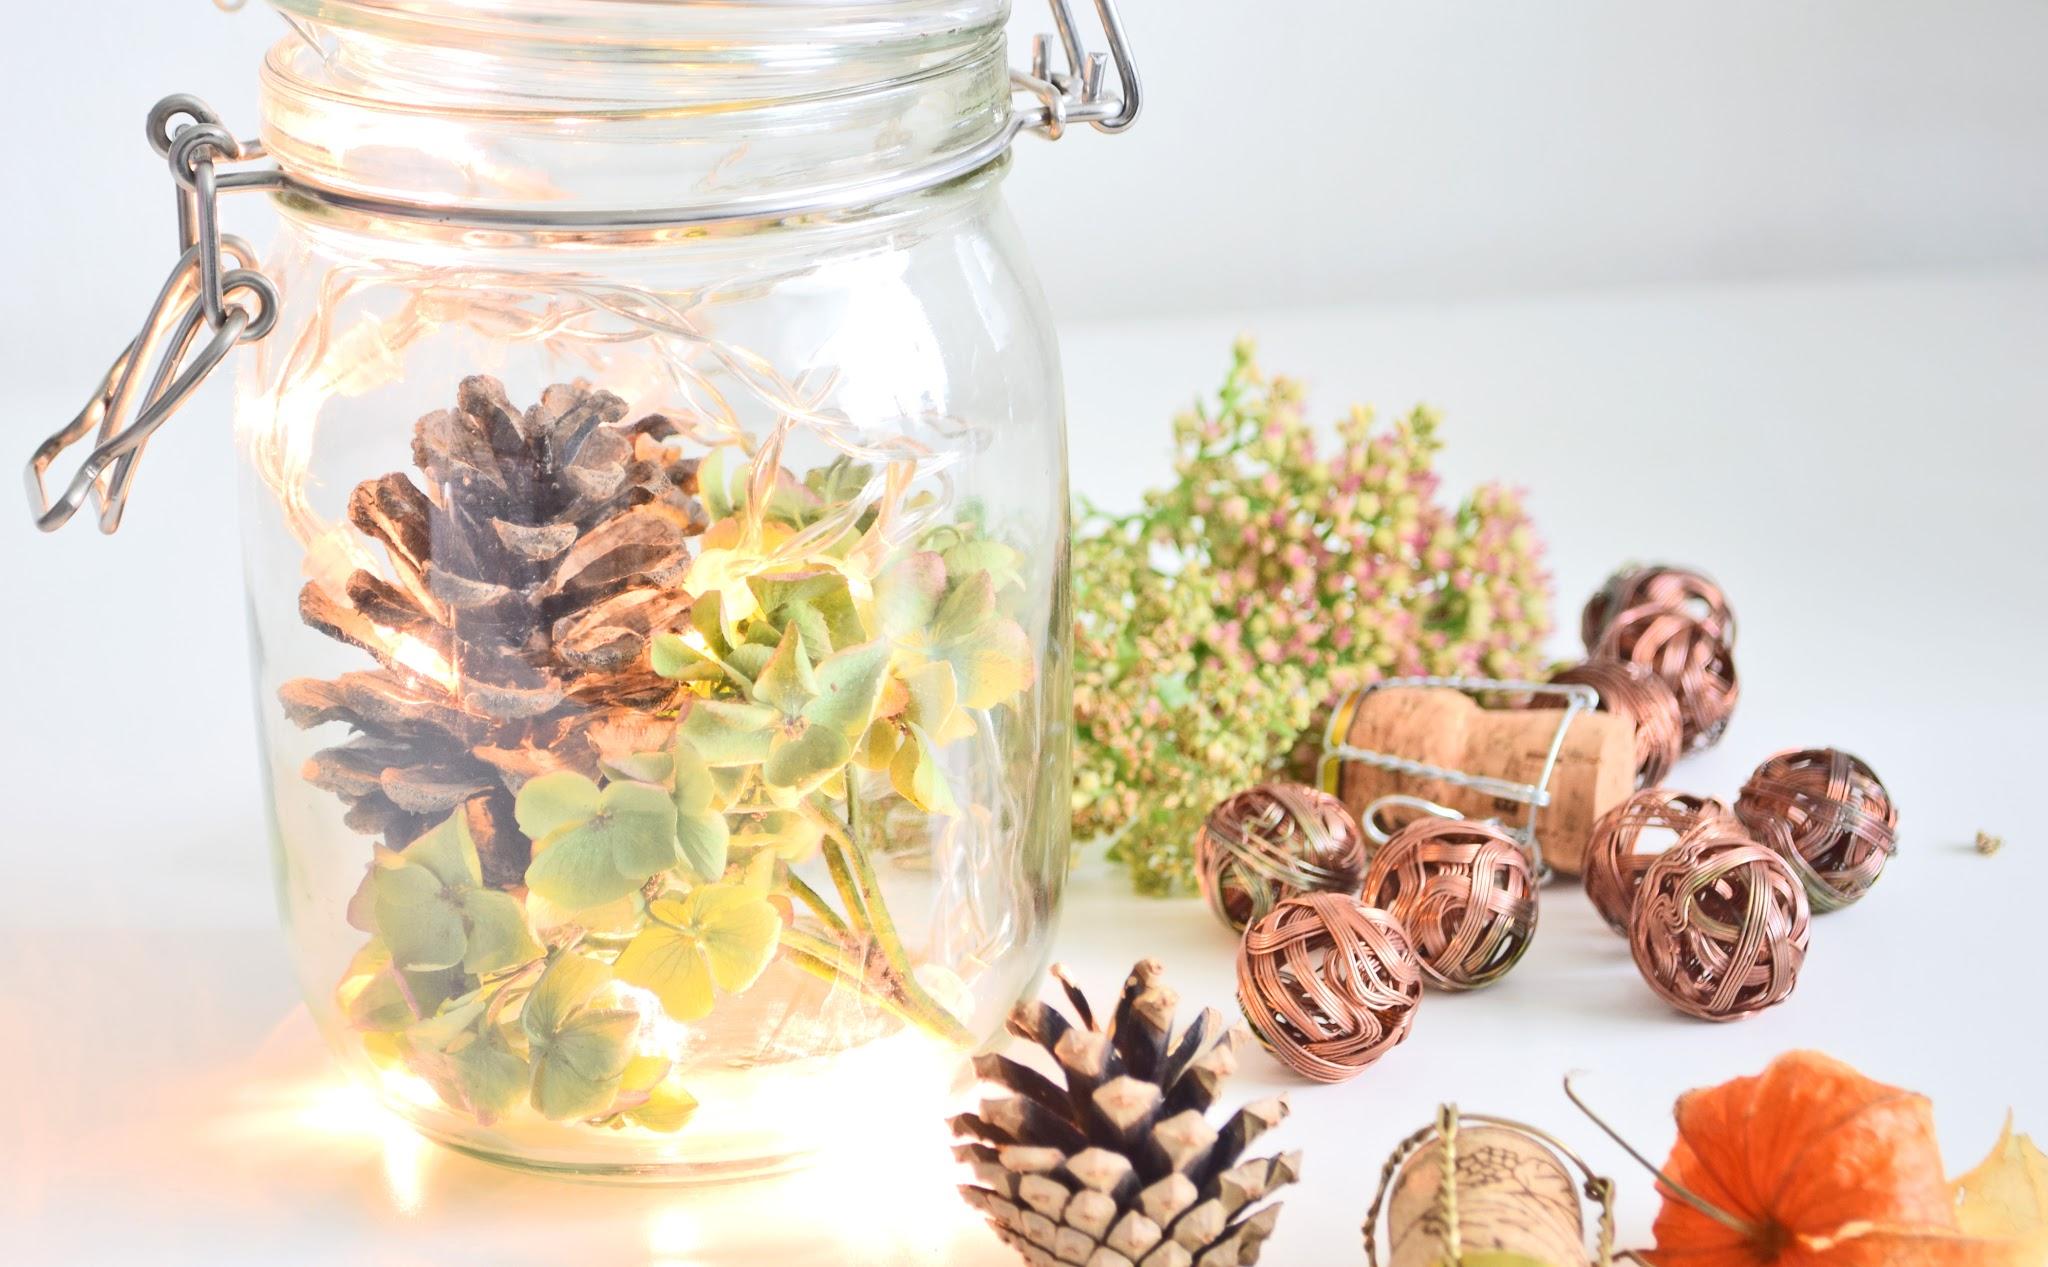 dekoracje świąteczne w słoikach